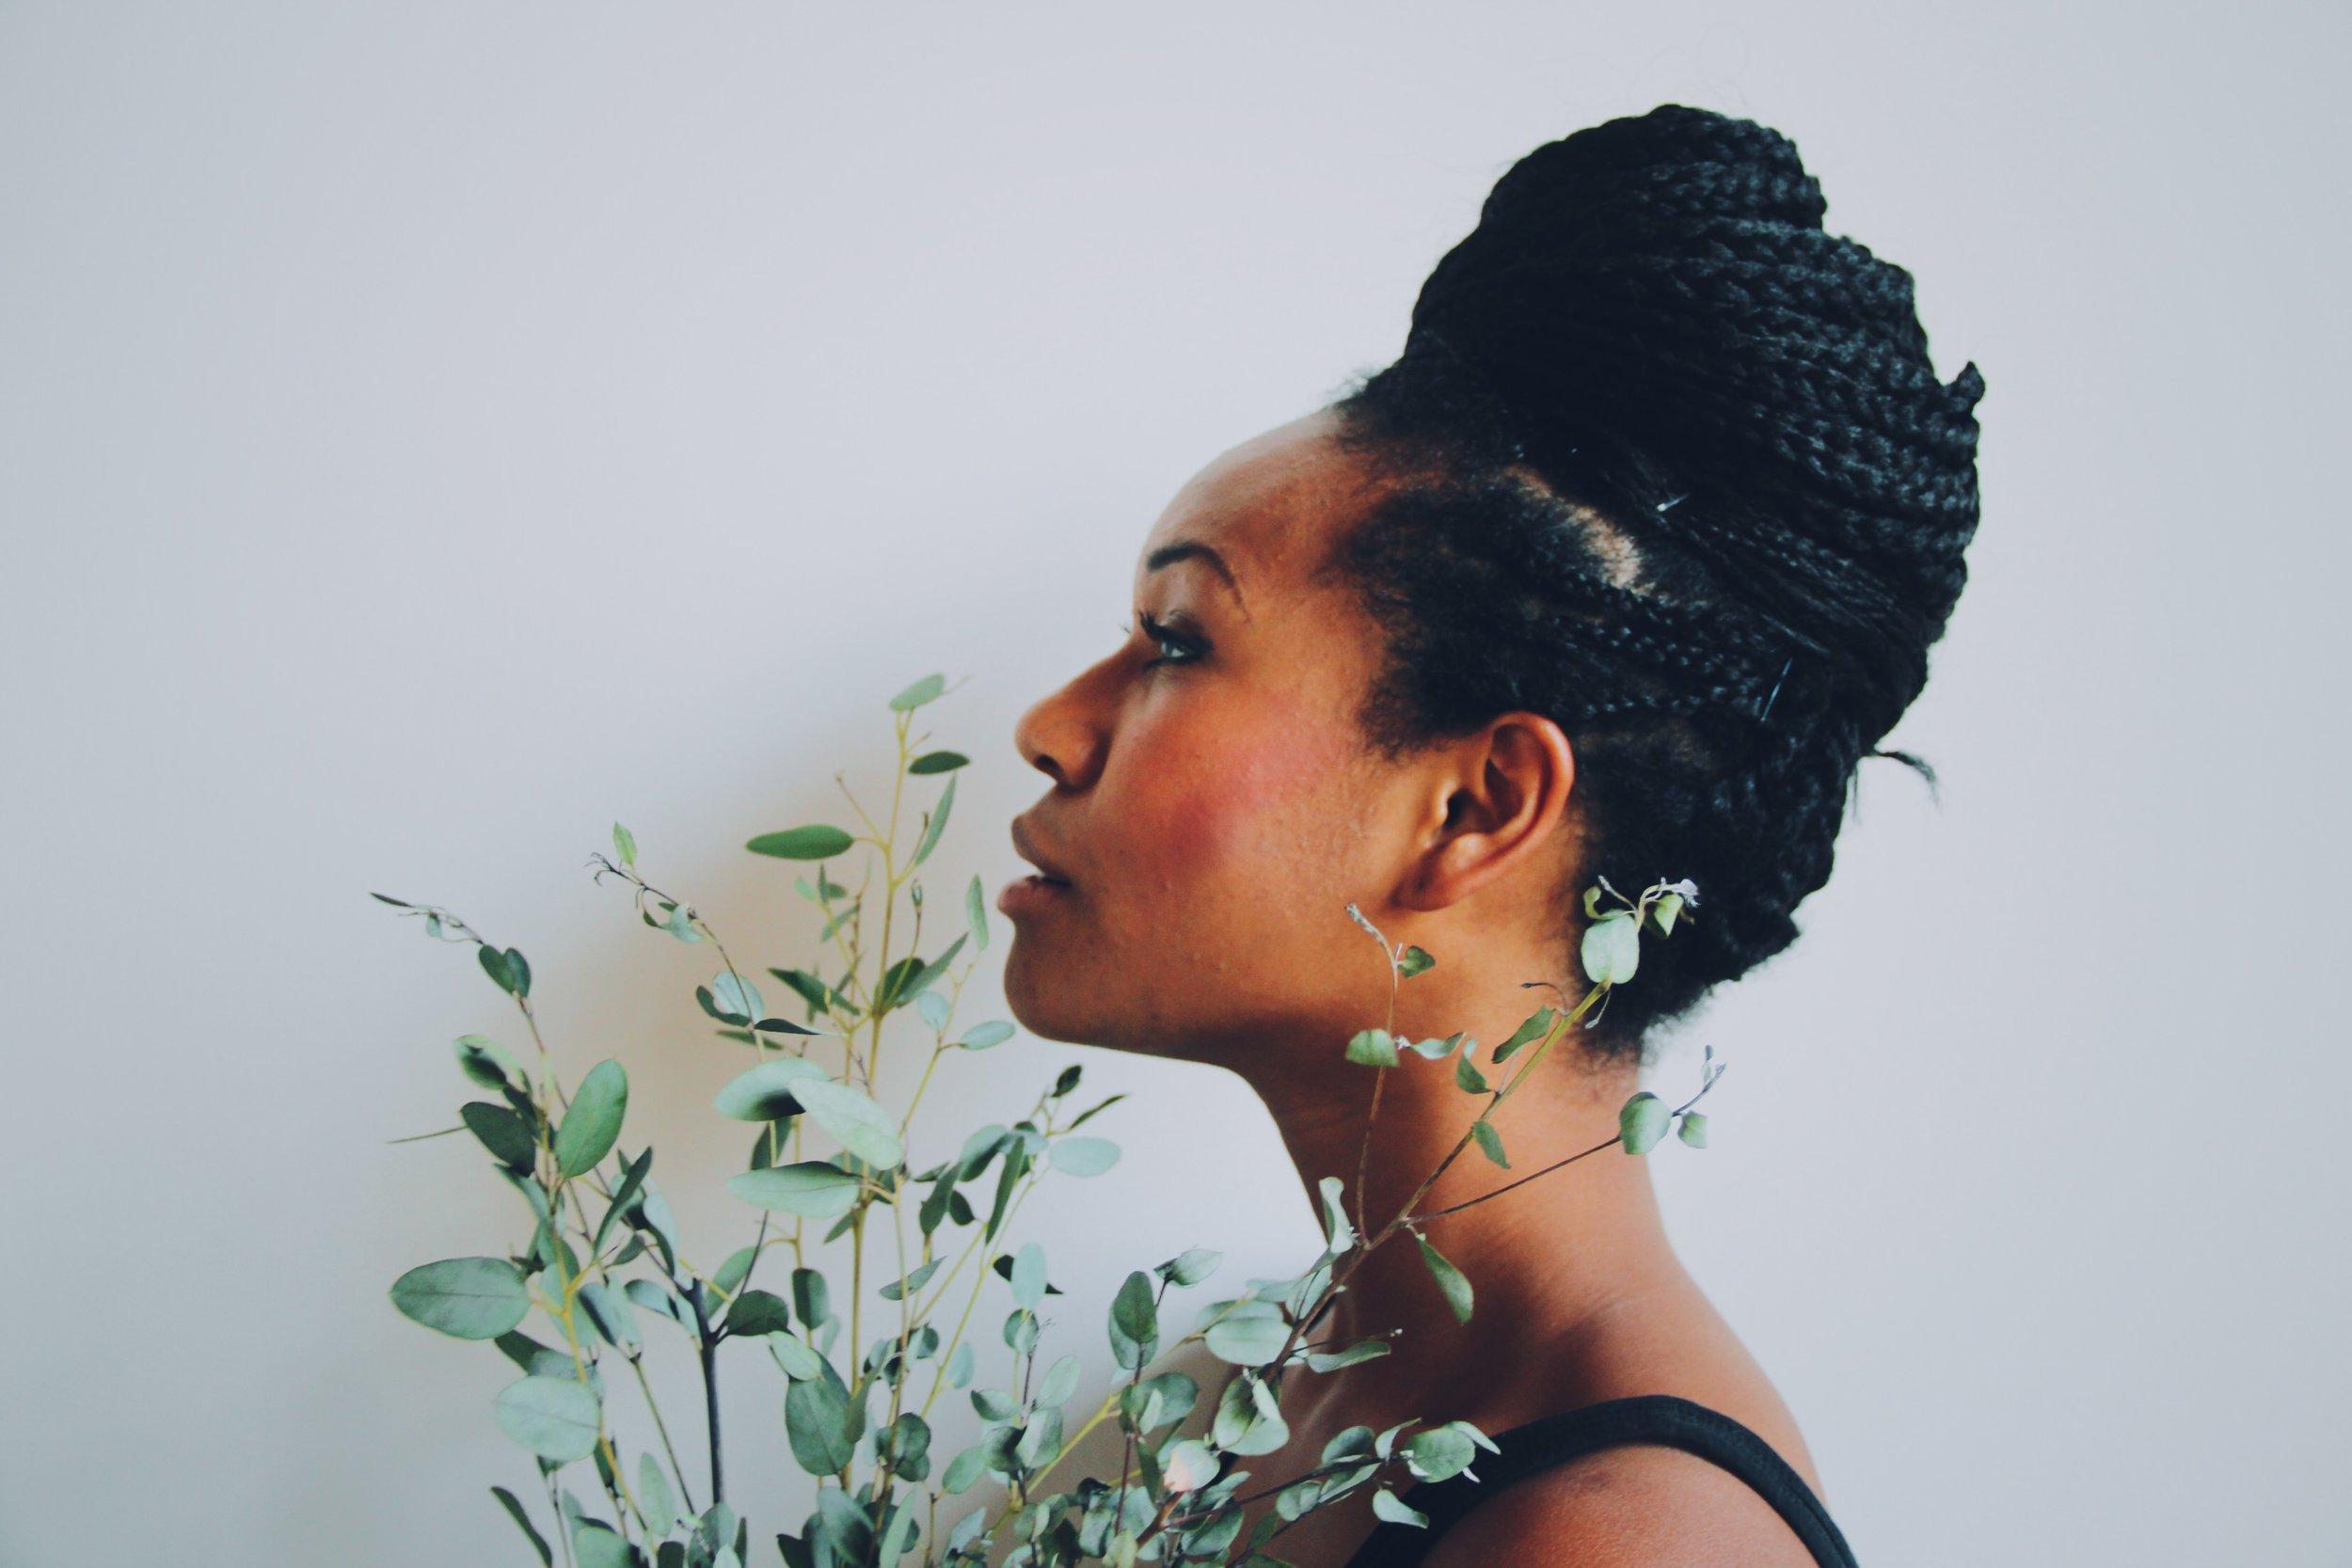 Photo by Alexandria Ofori-Ata